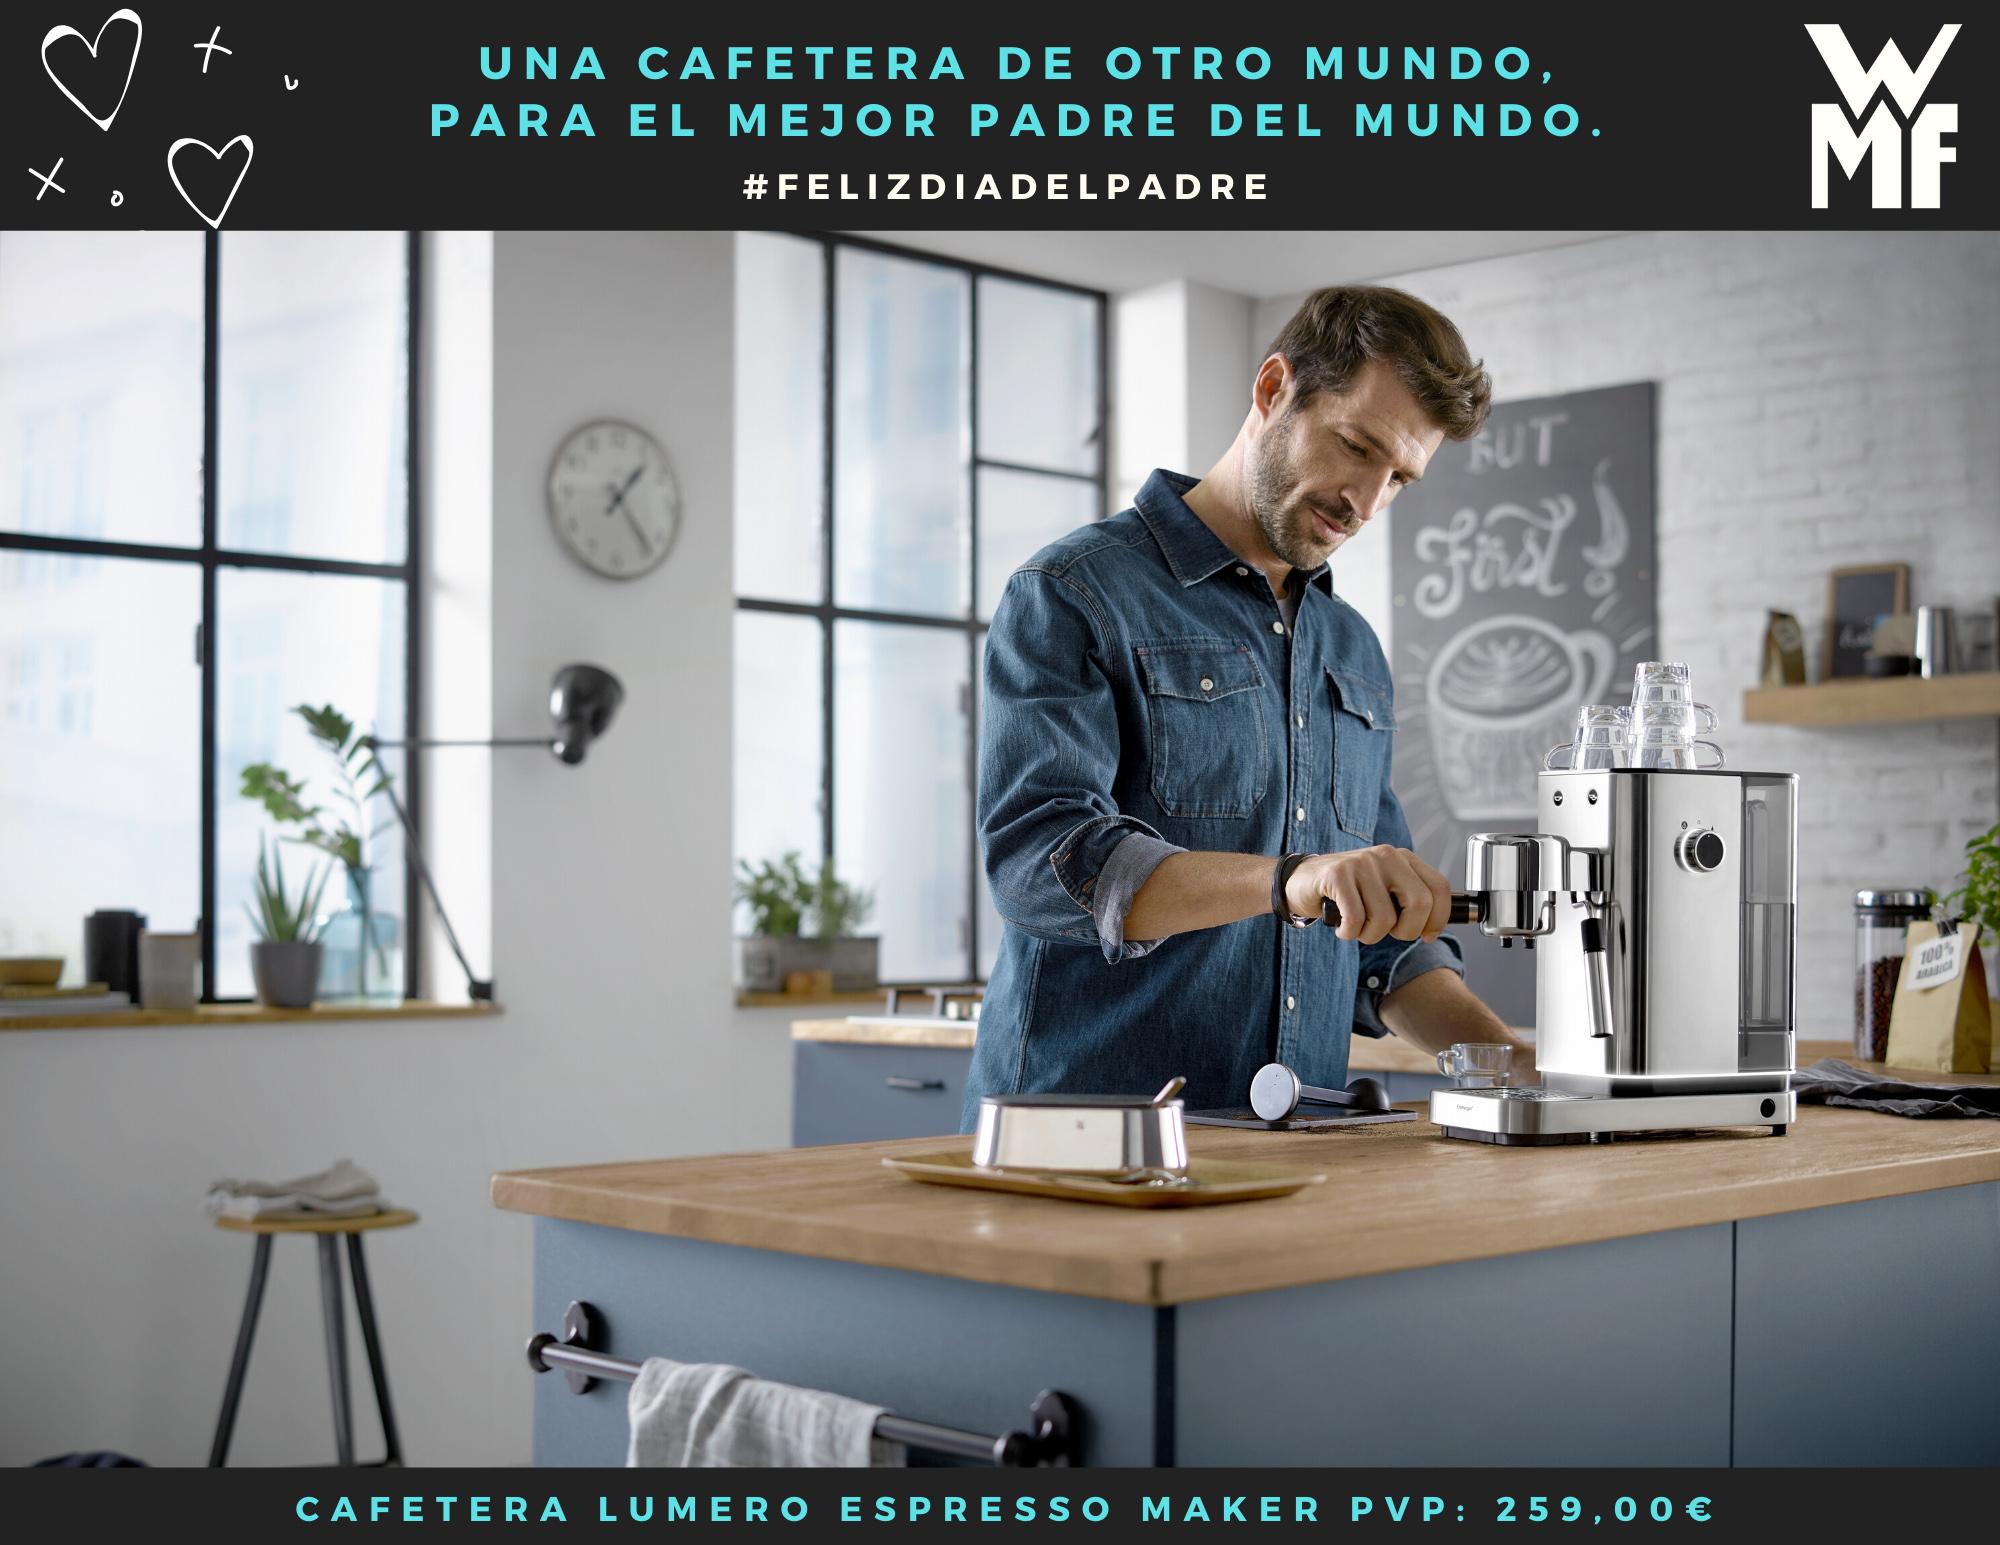 WMF propone su cafetera Lumero para el Día Del Padre